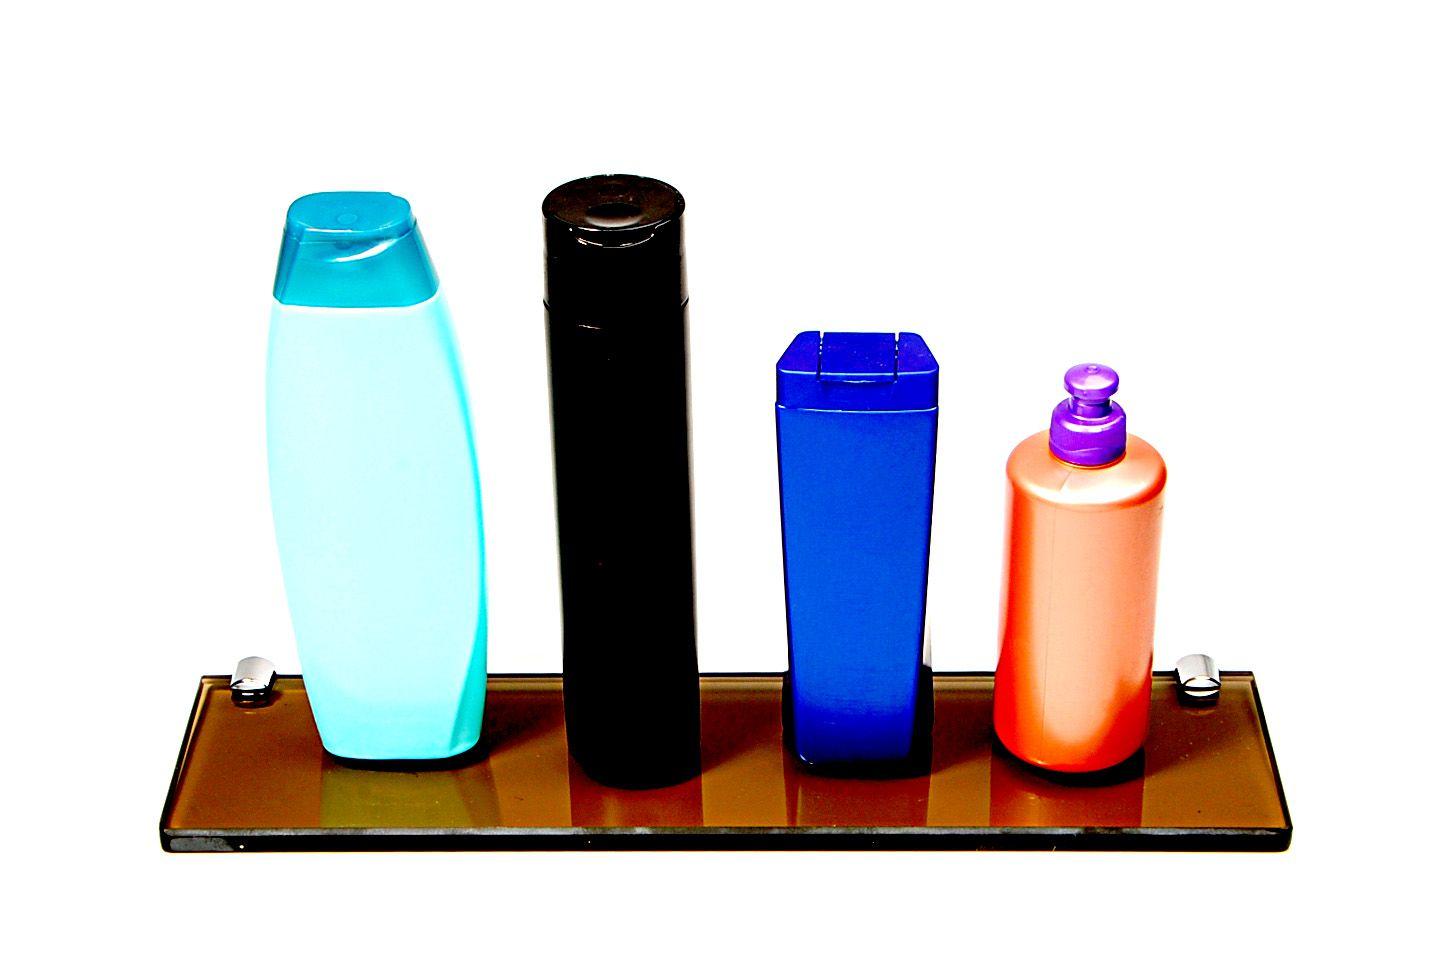 Porta Shampoo Reto em Vidro Bronze Lapidado - Aquabox  - 40cmx9cmx10mm